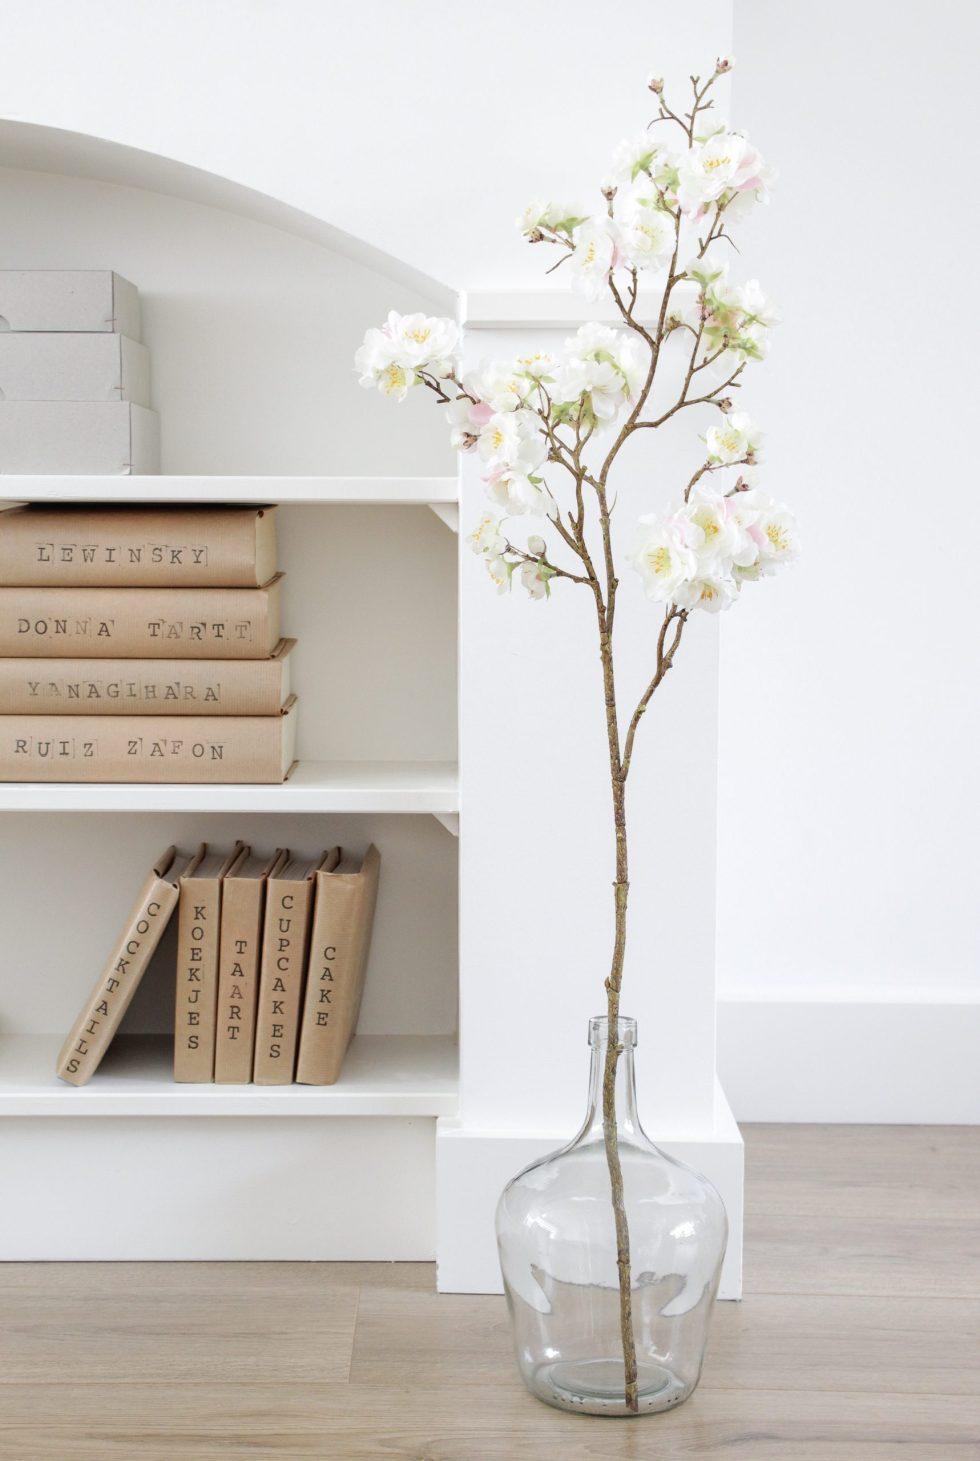 boeken kaften, minimalistische boeken styling, boeken styling, boekenplank, boekenplanken, boekenstyling, minimalistisch interieur, boeken stempelen, book styling, interieurinspiratie, thathomepage, (th)athomepage